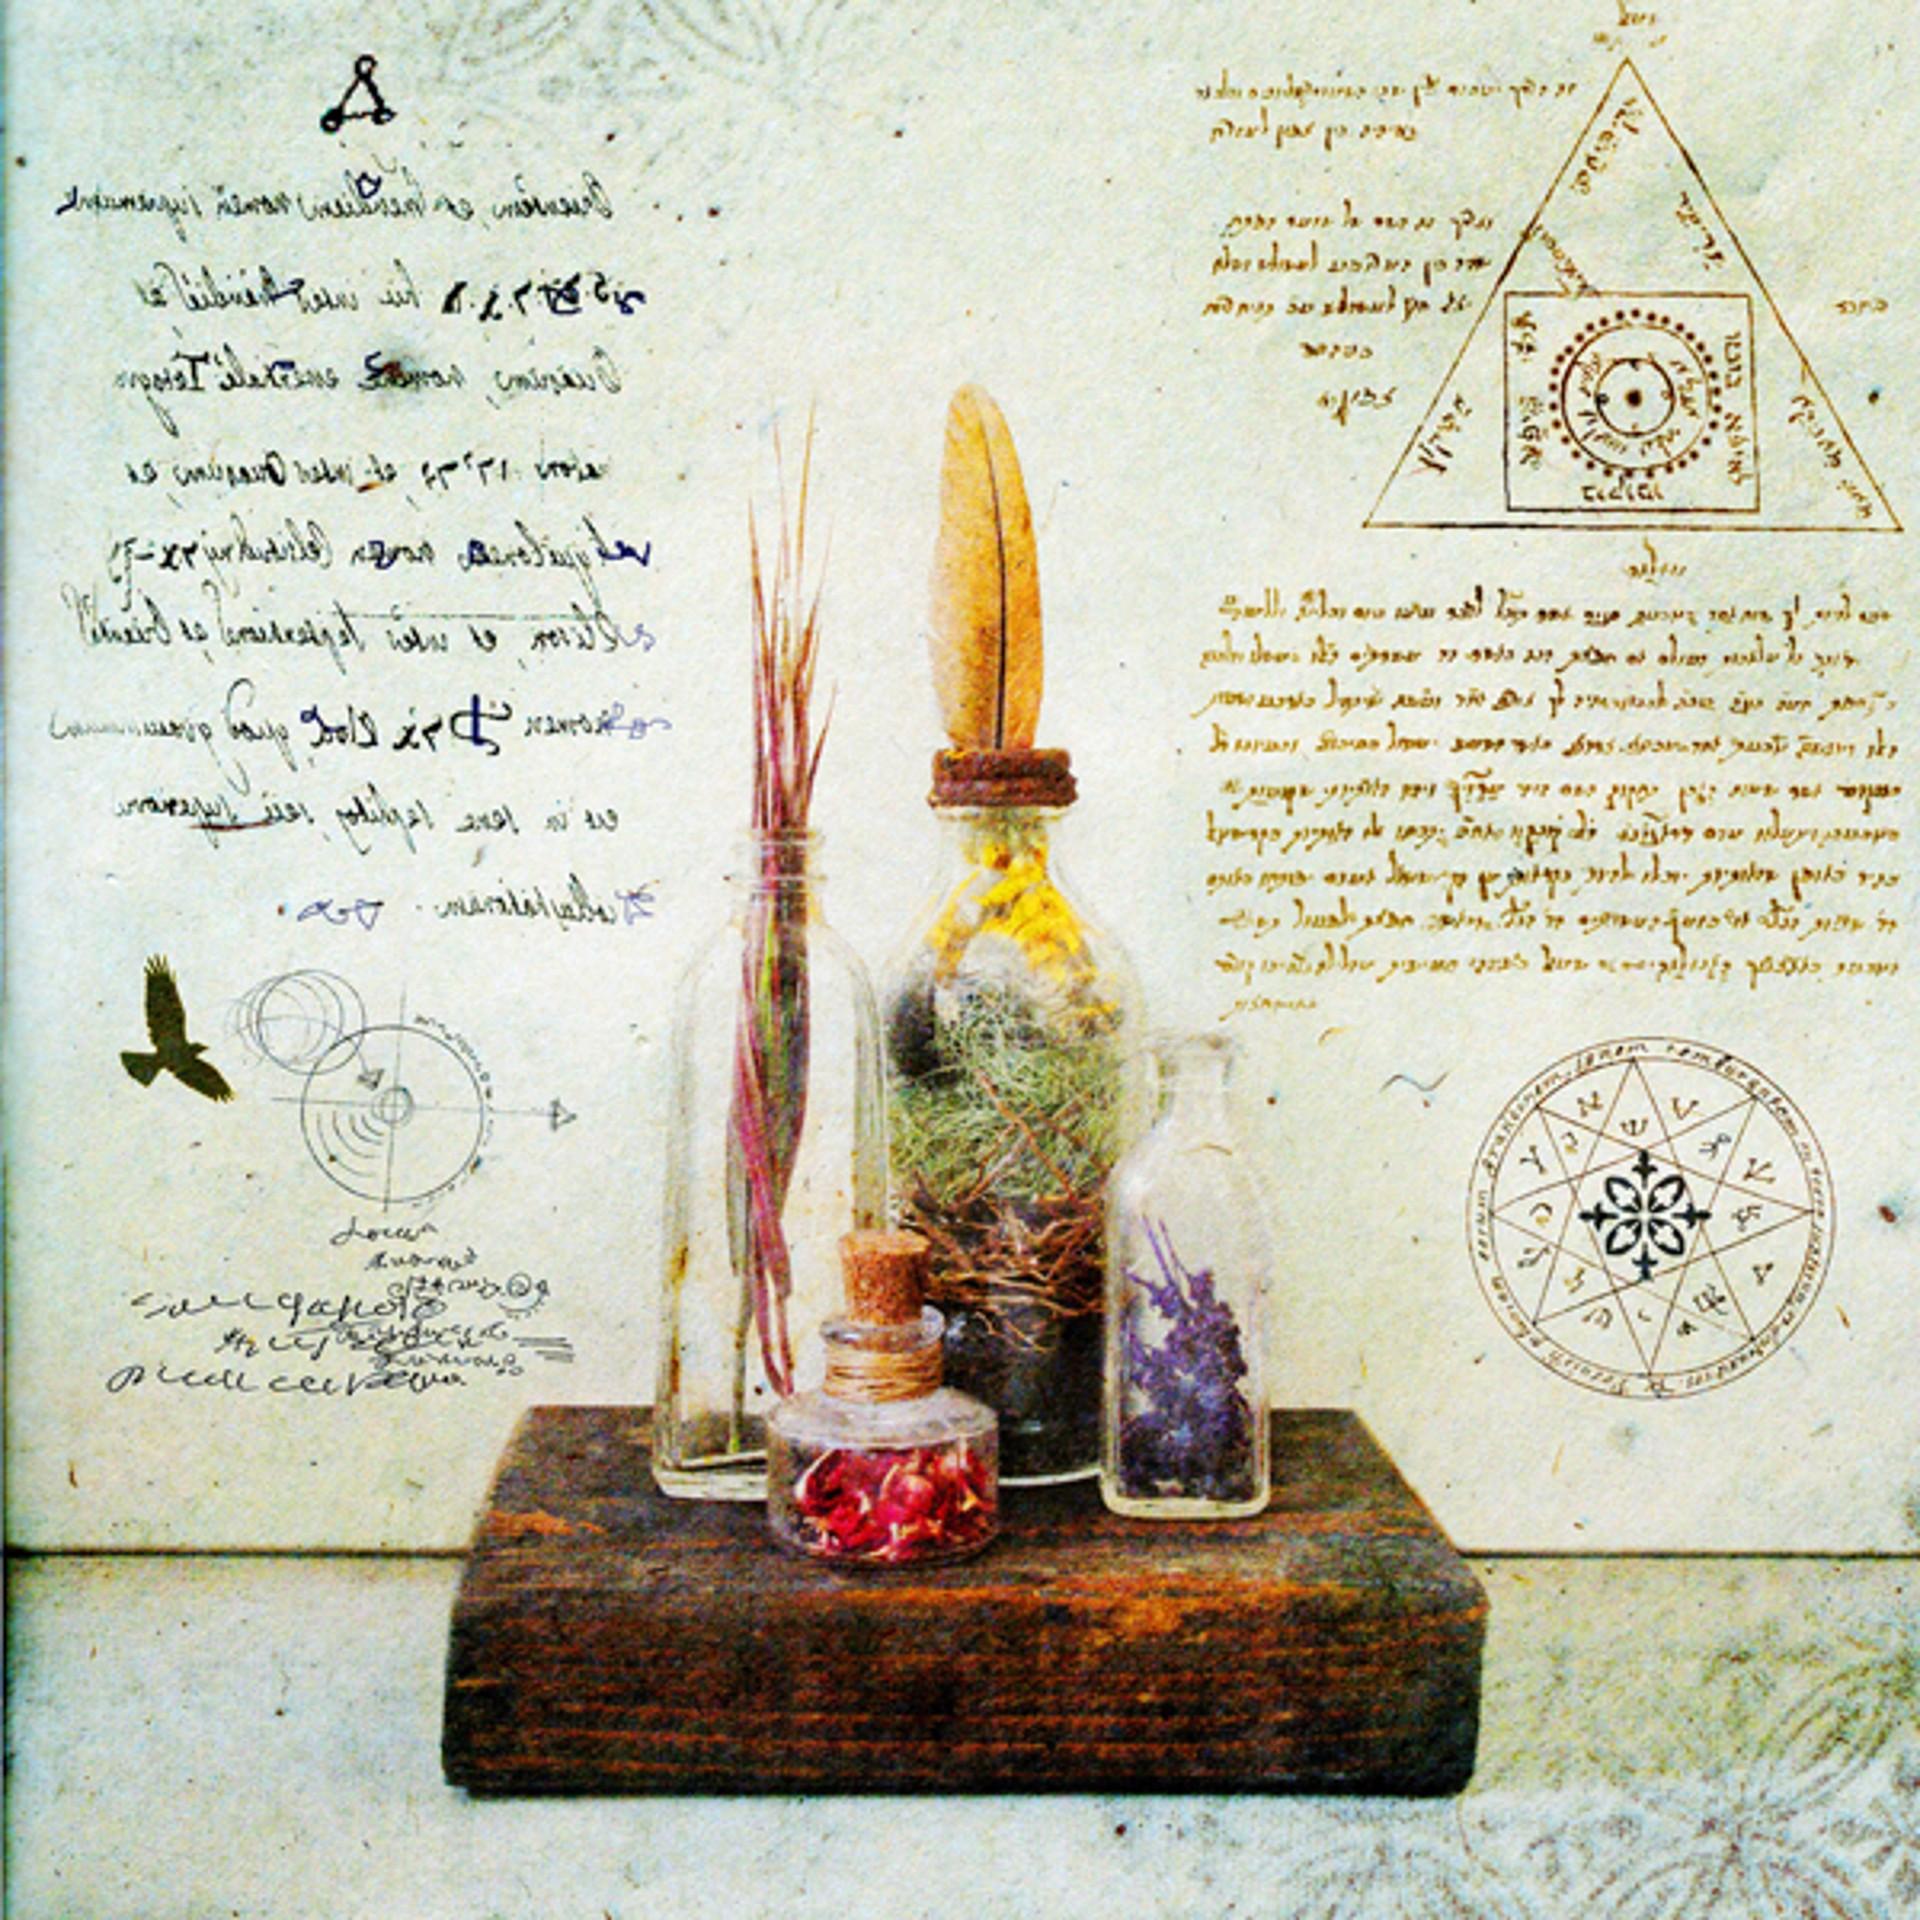 Sacred Herbs by Yuko Ishii